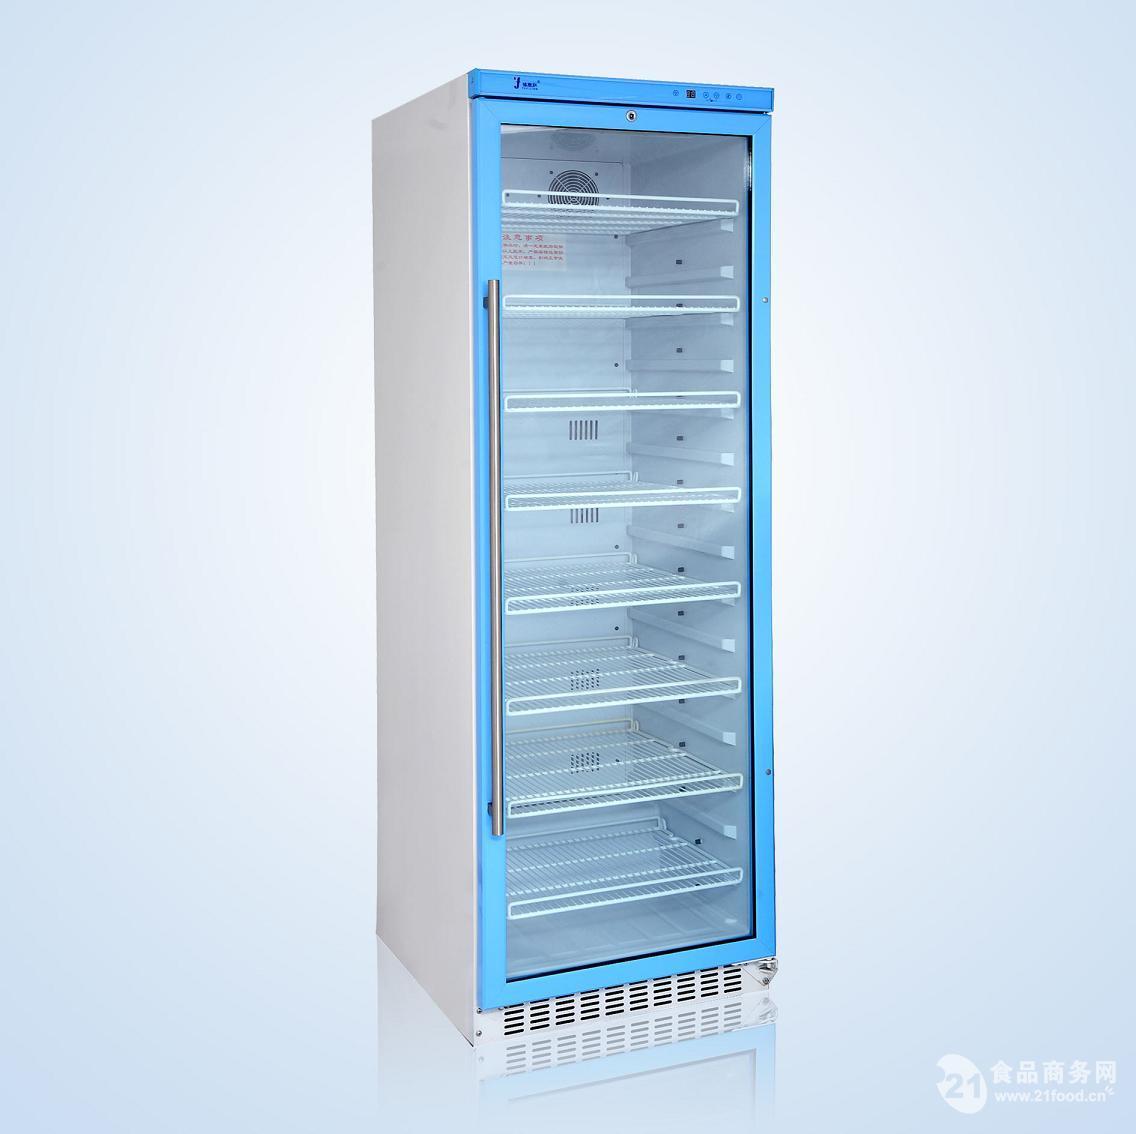 样品低温保存箱4℃北京福意联